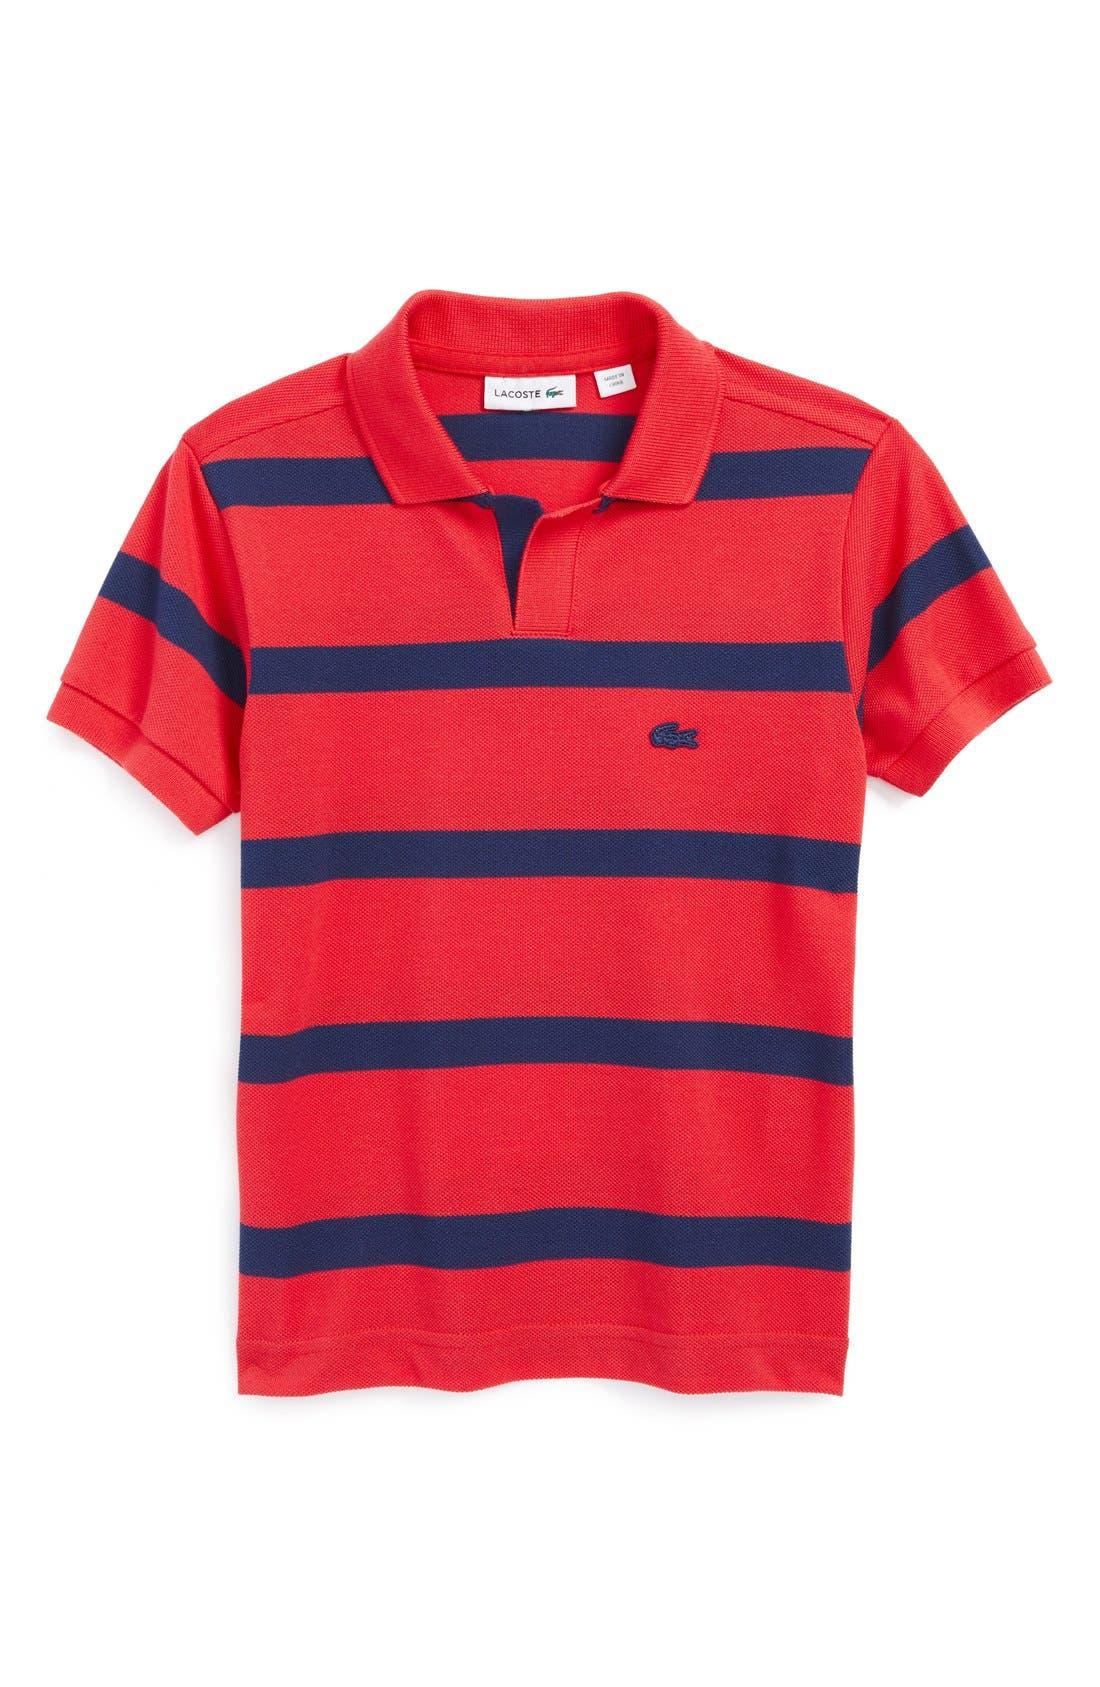 Main Image - Lacoste Stripe Cotton Piqué Polo (Toddler Boys)